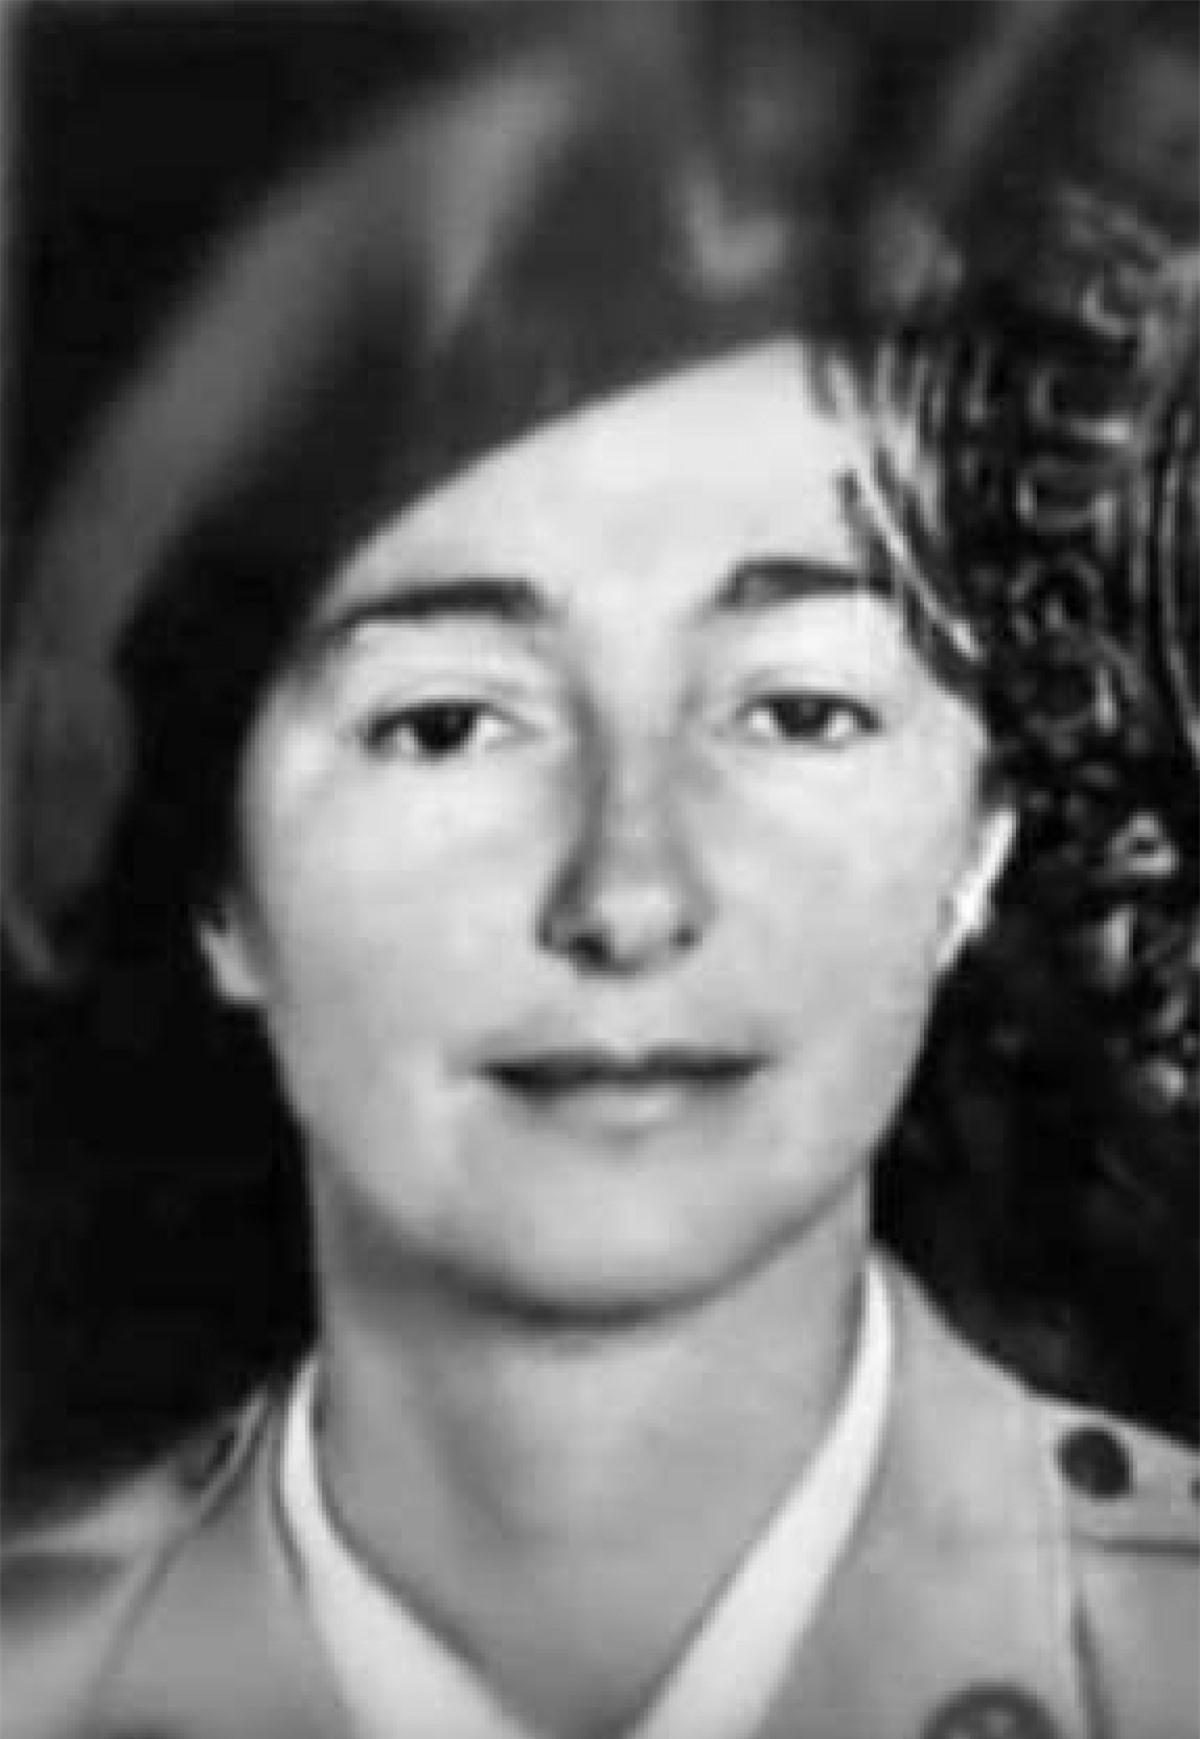 Krystyna Skarbek (1908–1952): Bà là một trong những nữ điệp viên phục vụ lâu nhất cho Anh. Skarbek làm việc với Cục Chiến dịch Đặc biệt của Anh và tiến hành thành công nhiều nhiệm vụ quan trọng trong suốt thời gian Pháp và Ba Lan bị phát xít Đức chiếm đóng. Đổi tên là Christine Granville sau chiến tranh, những đóng góp phi thường cho quân Đồng minh đã mang về cho bà Huân chương George, Huân chương Đế quốc Anh do Anh trao tặng và Chiến công Bội tinh do Pháp trao tặng.